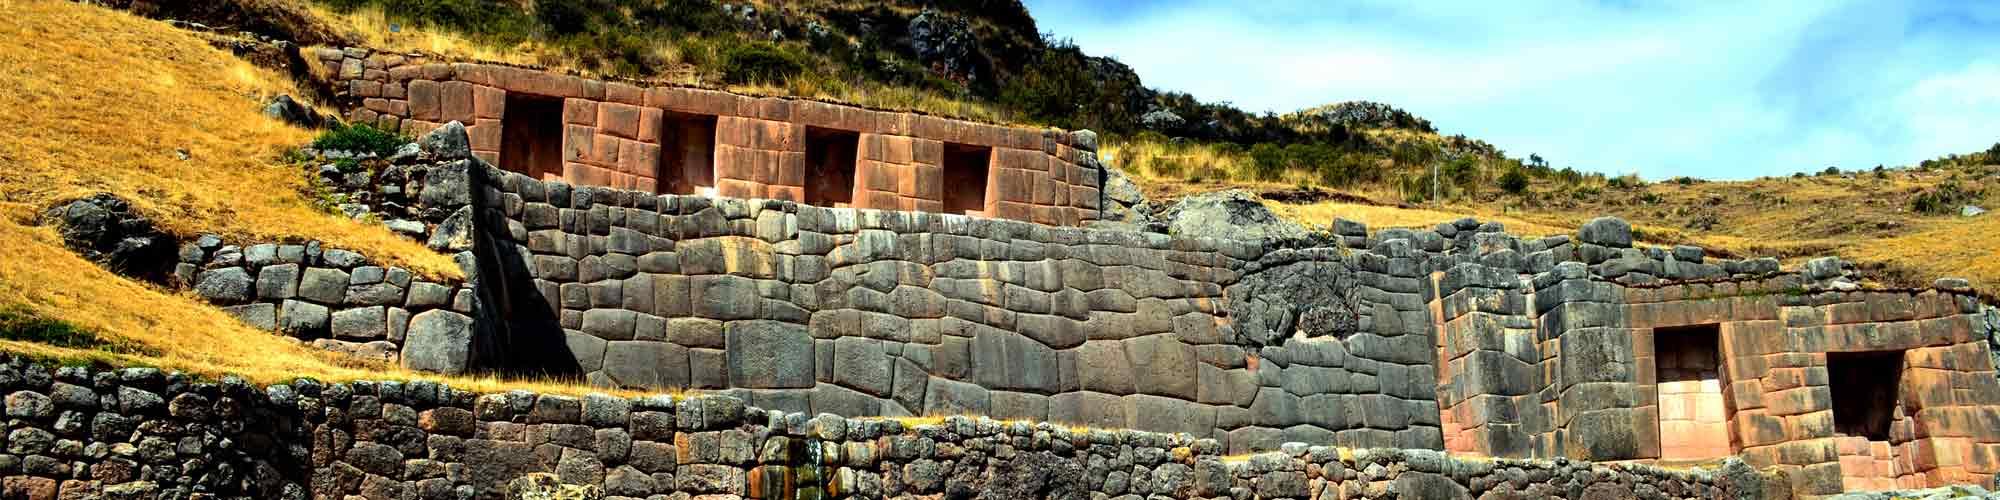 Refugio en Inca - El Pais Viajes